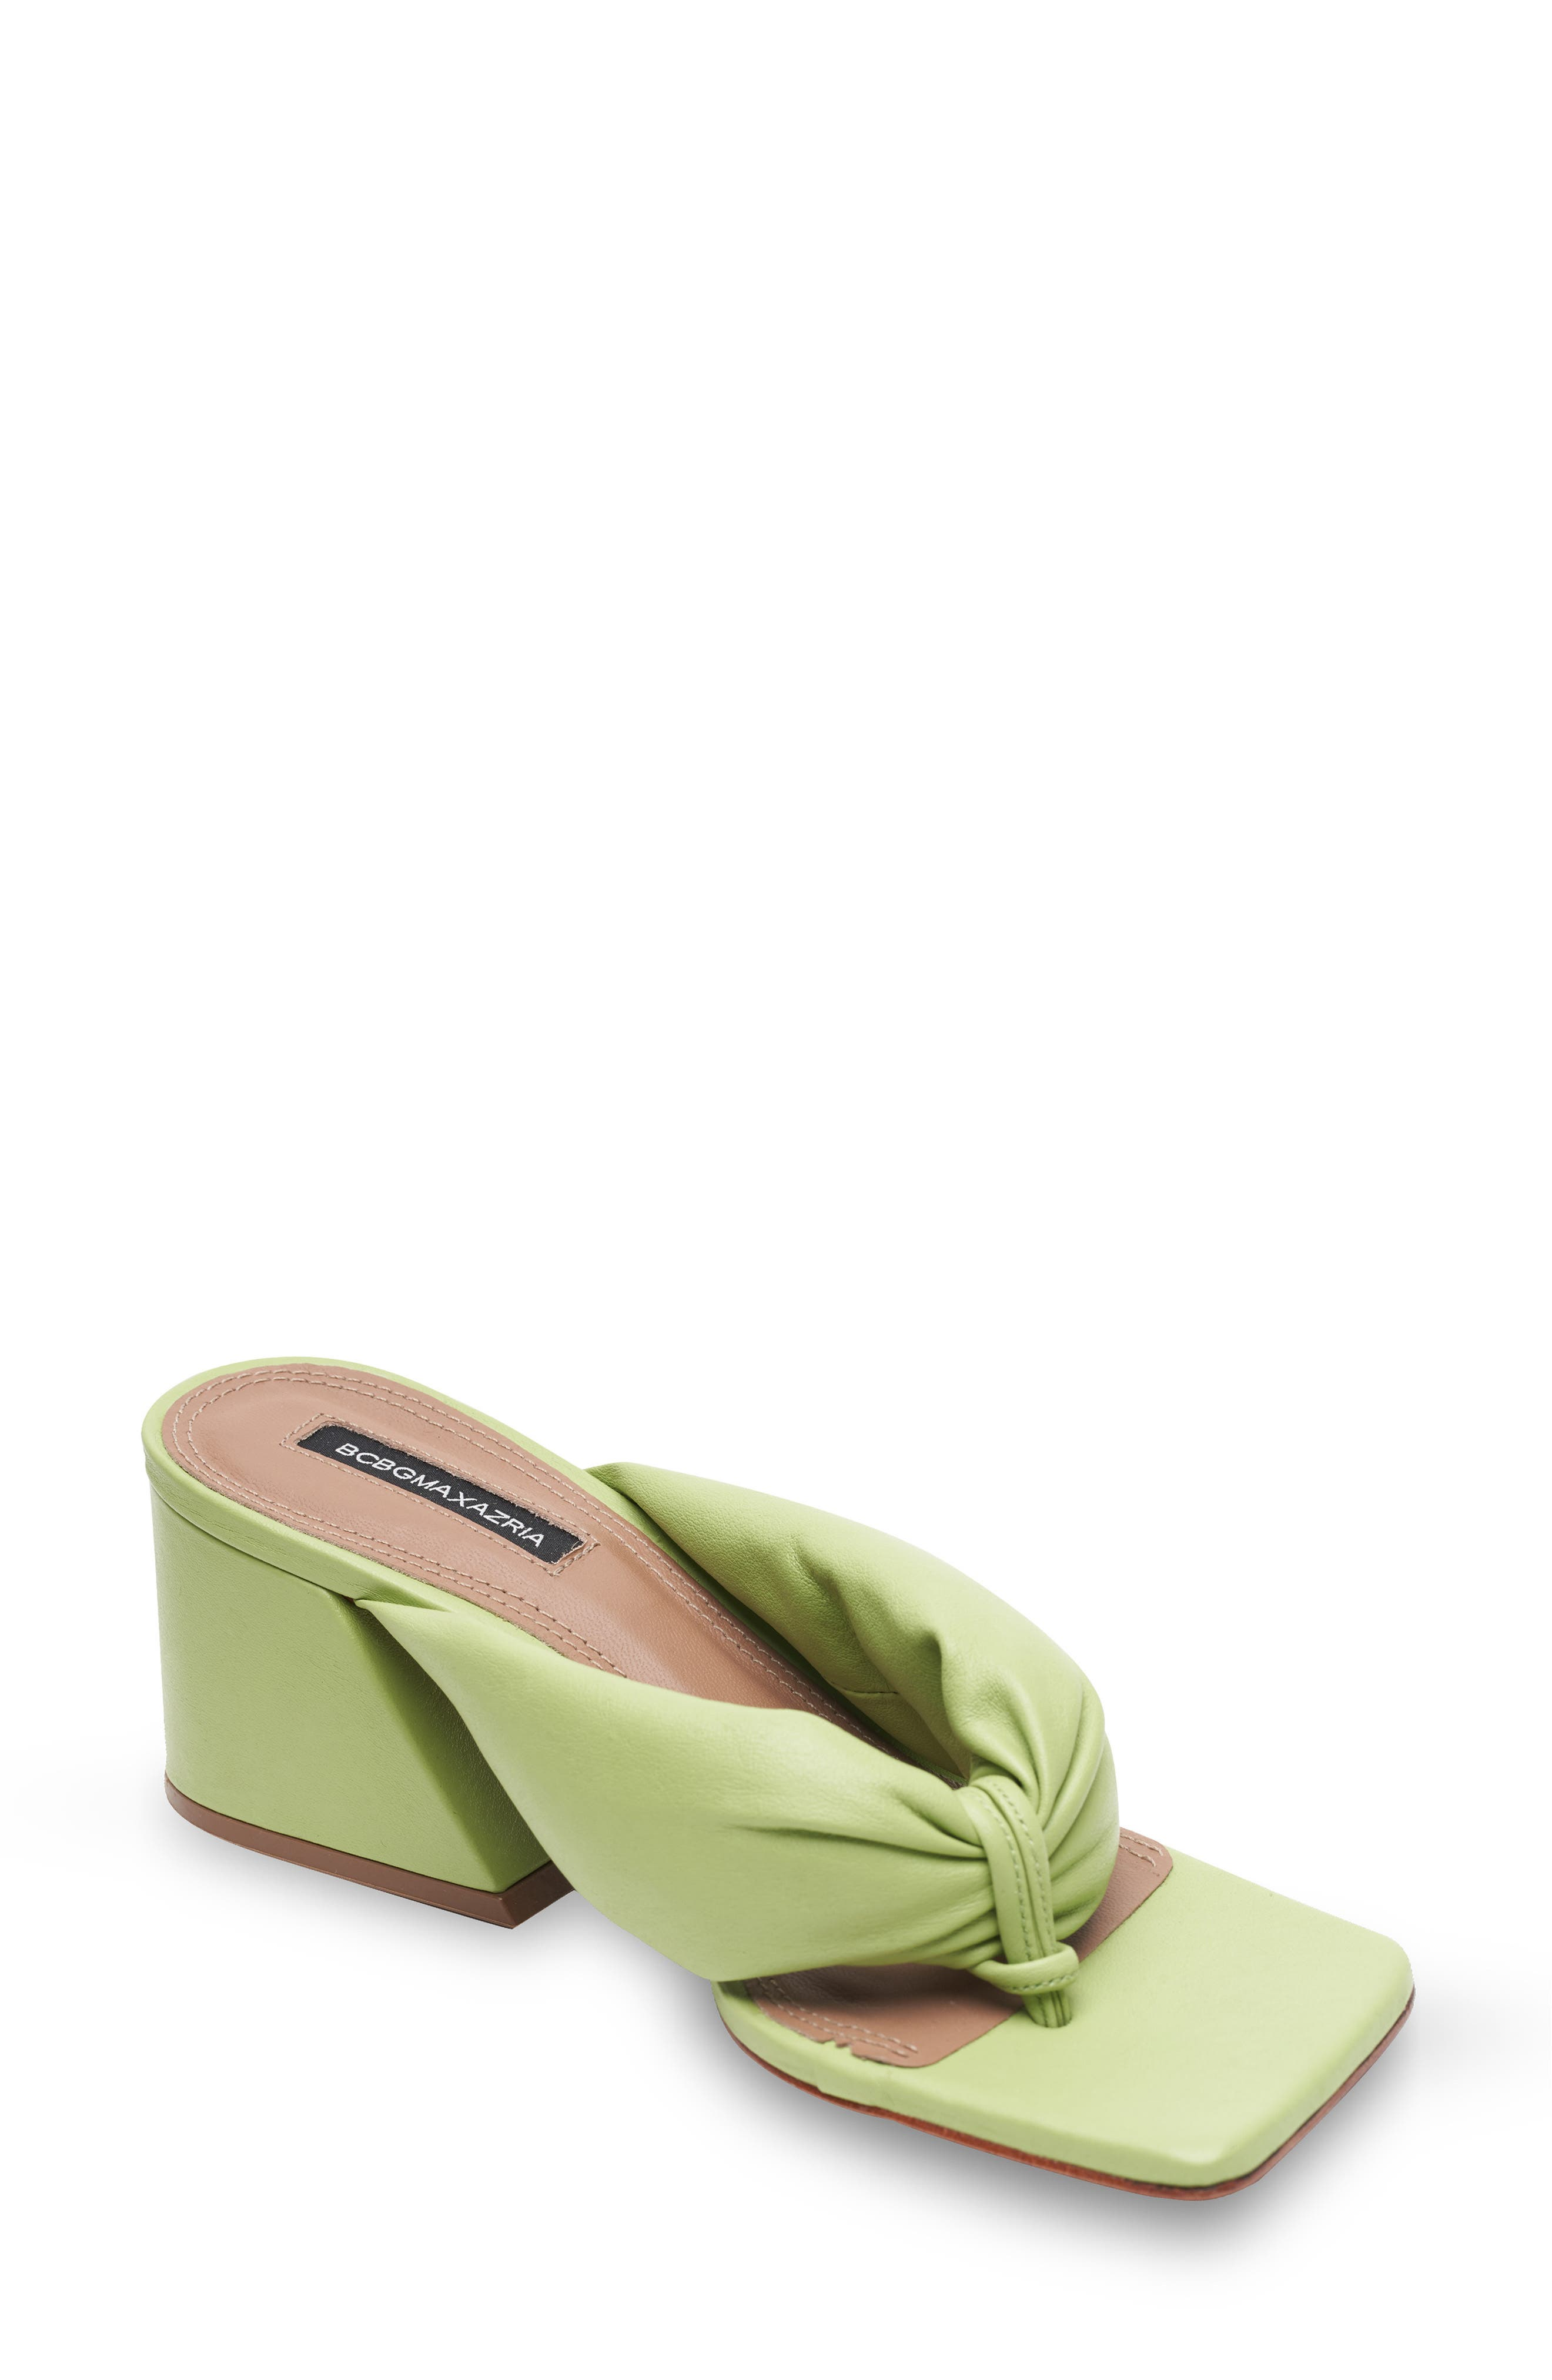 Callie Slide Sandal